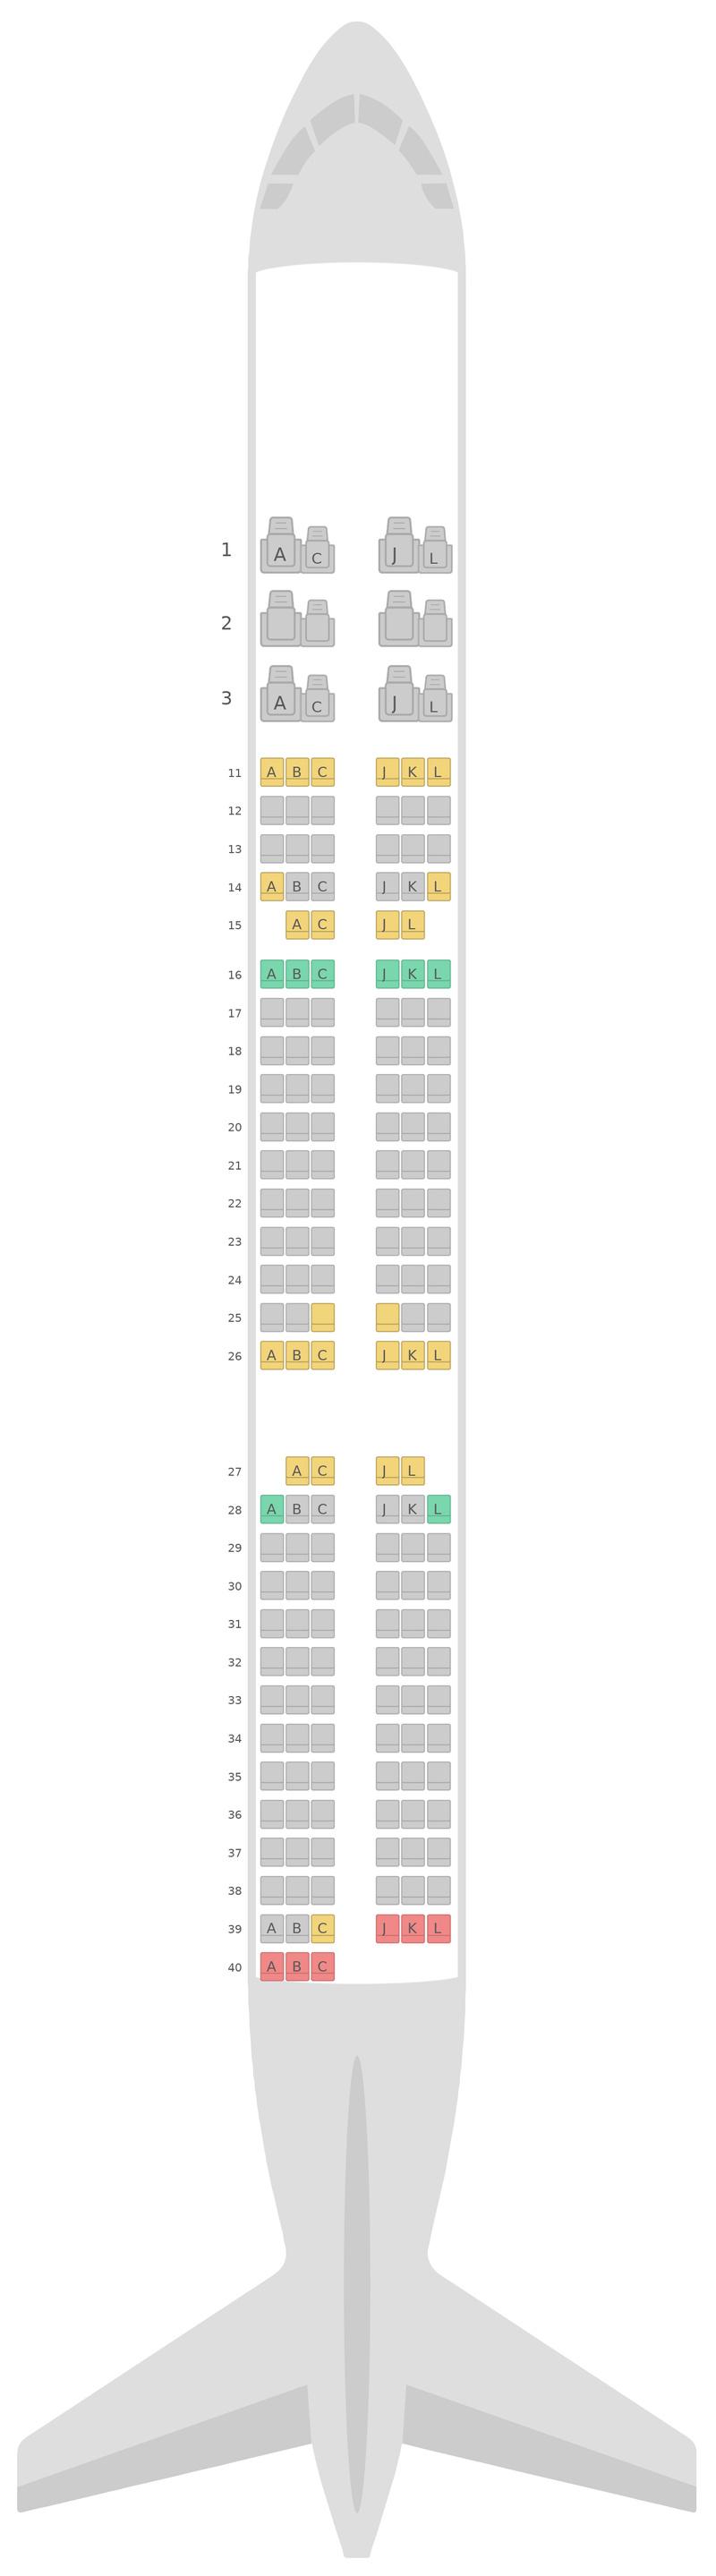 Mapa de asientos Airbus A321 v1 Air China